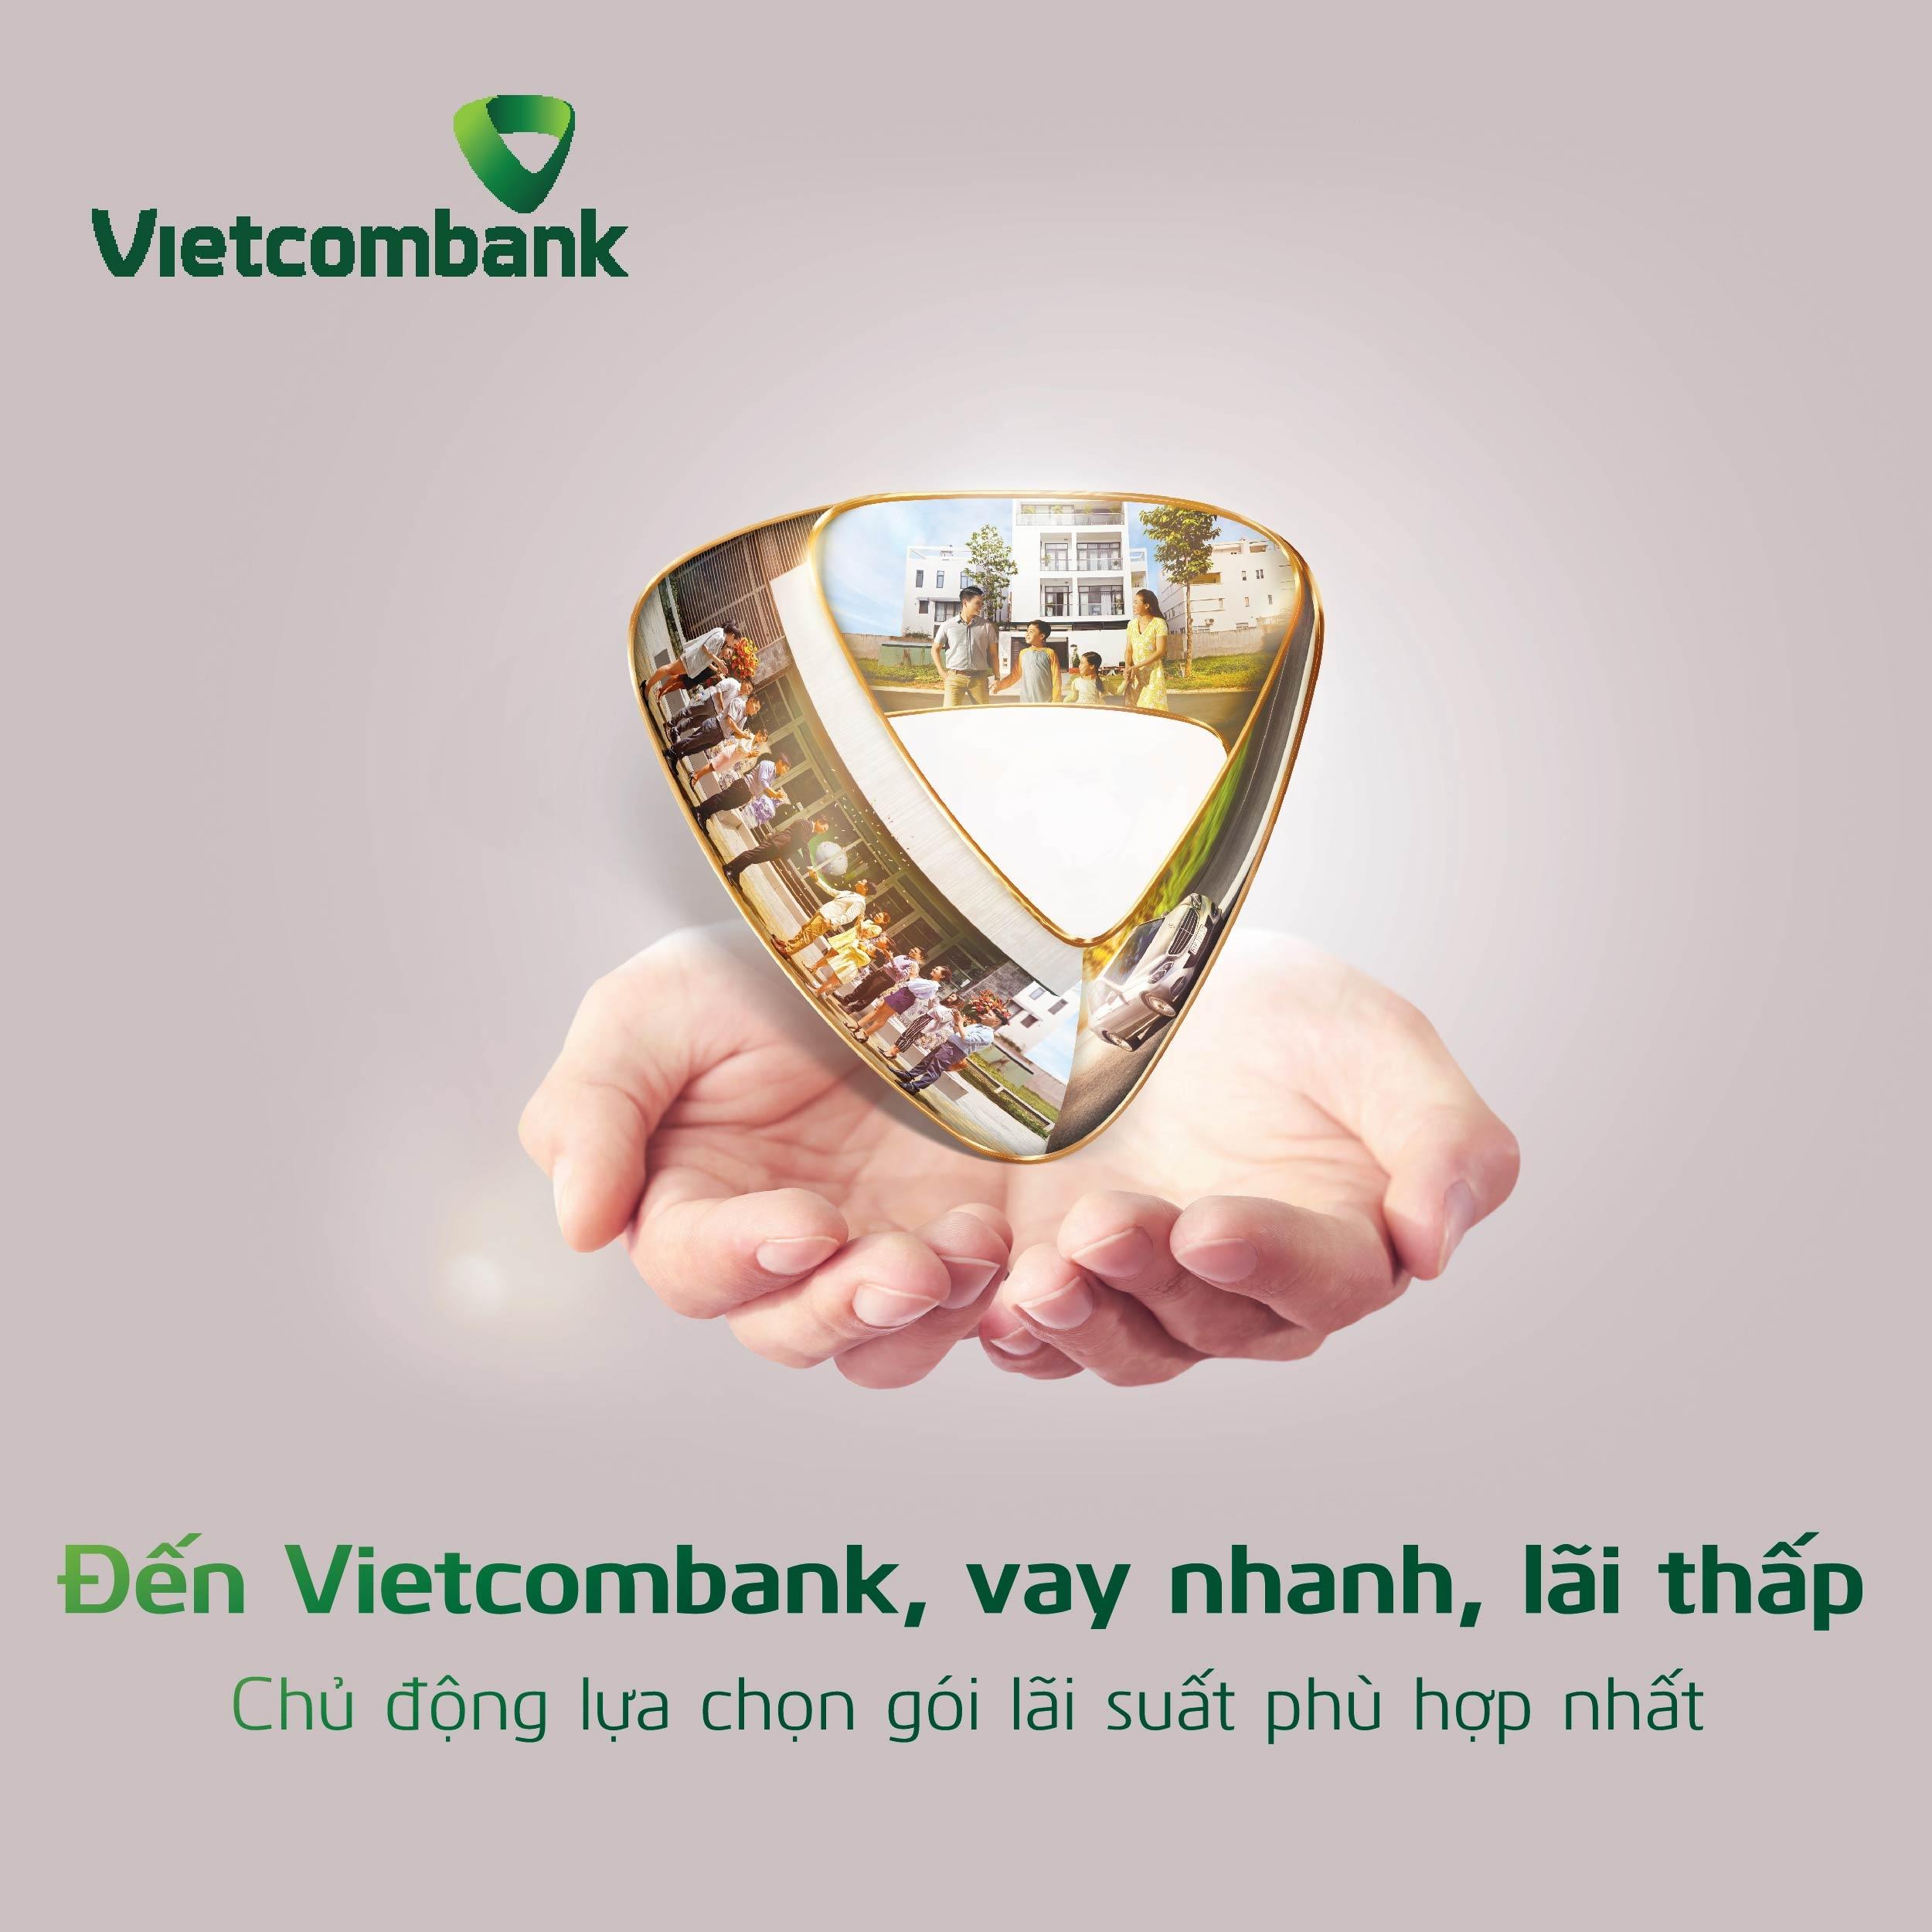 Vietcombank ưu đãi lãi suất cho khách hàng cá nhân và SME vay vốn